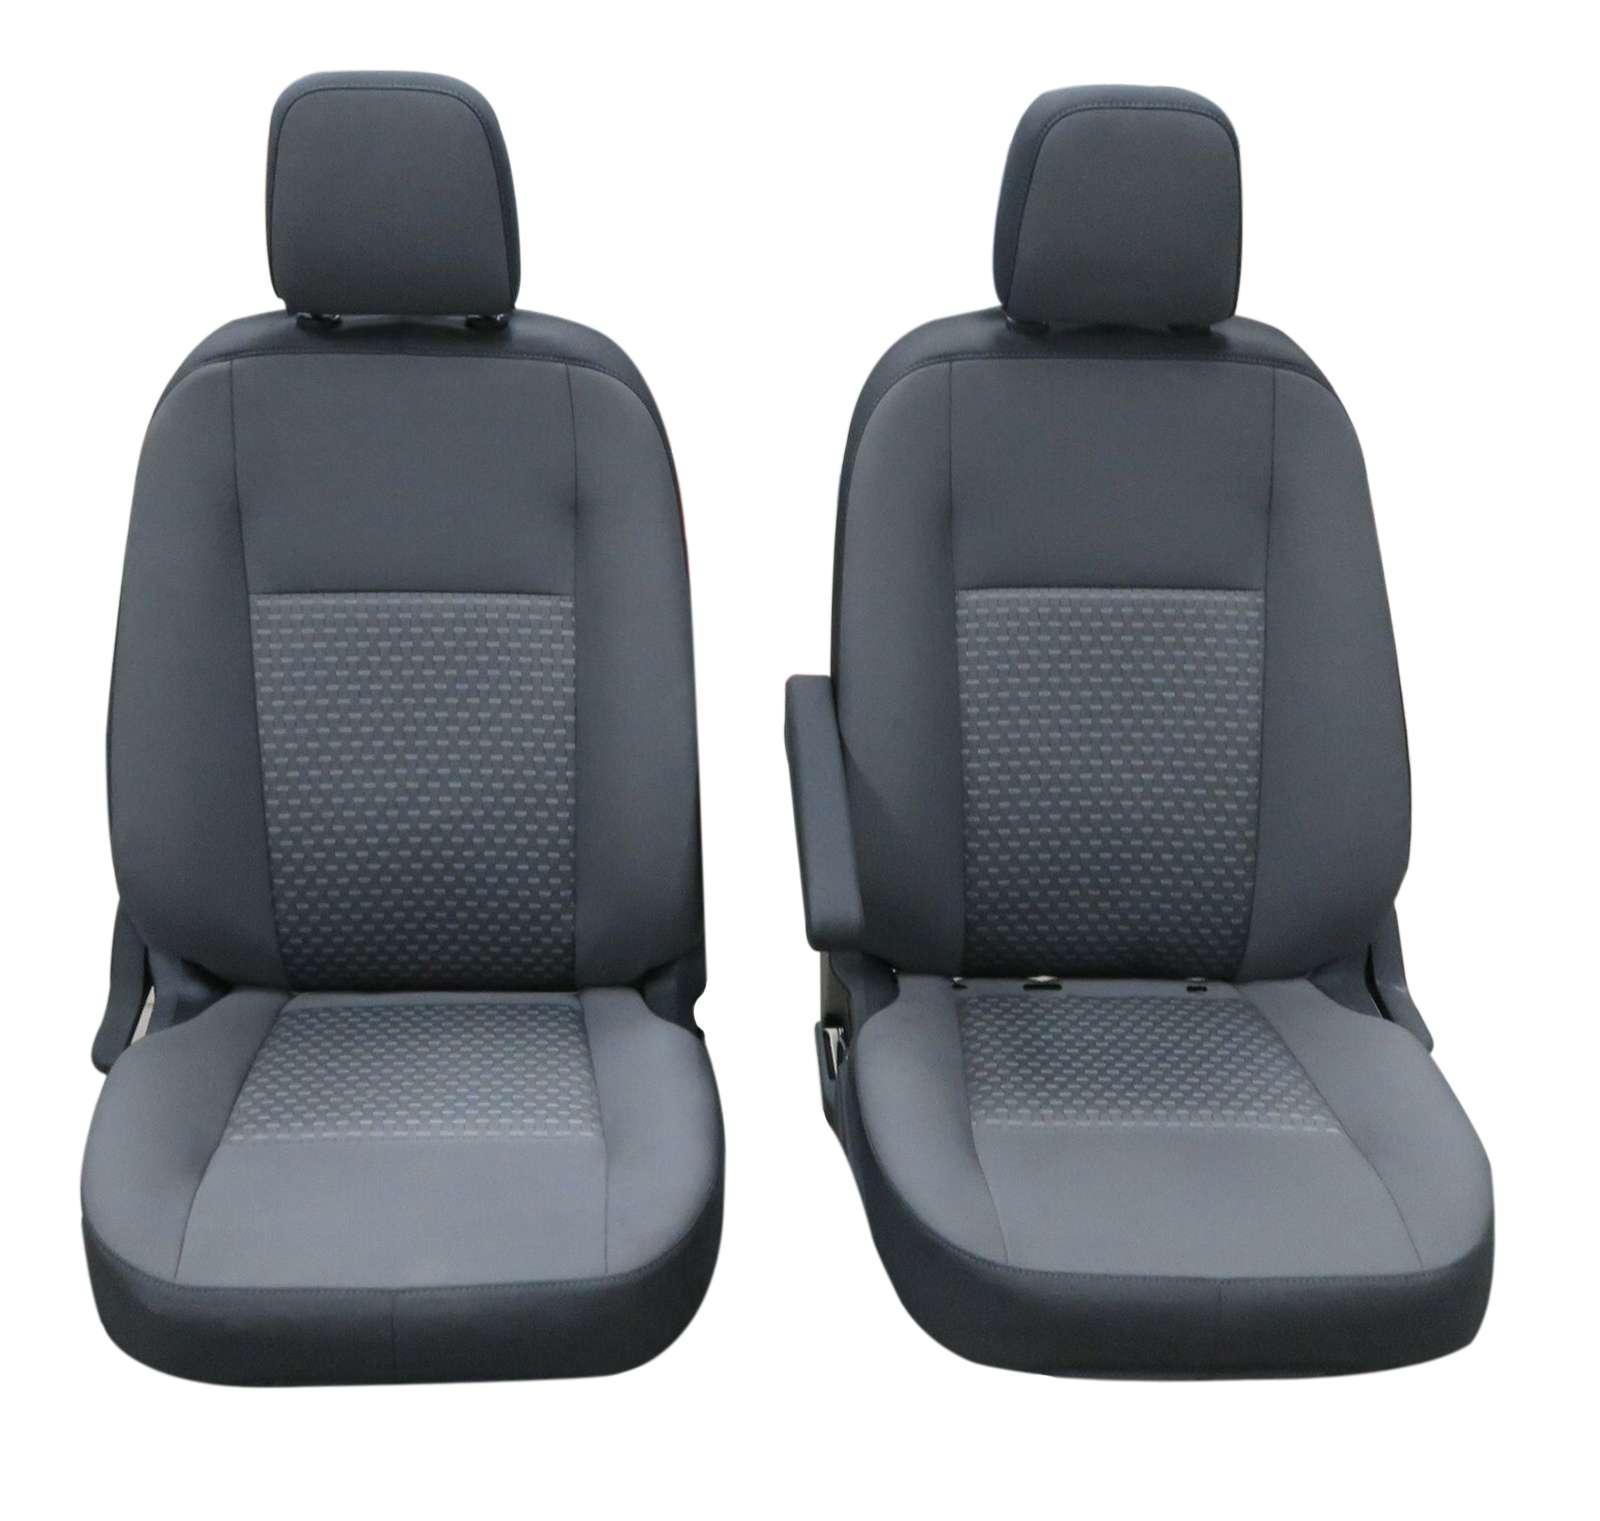 Tran 02 HD – Front Seats copy